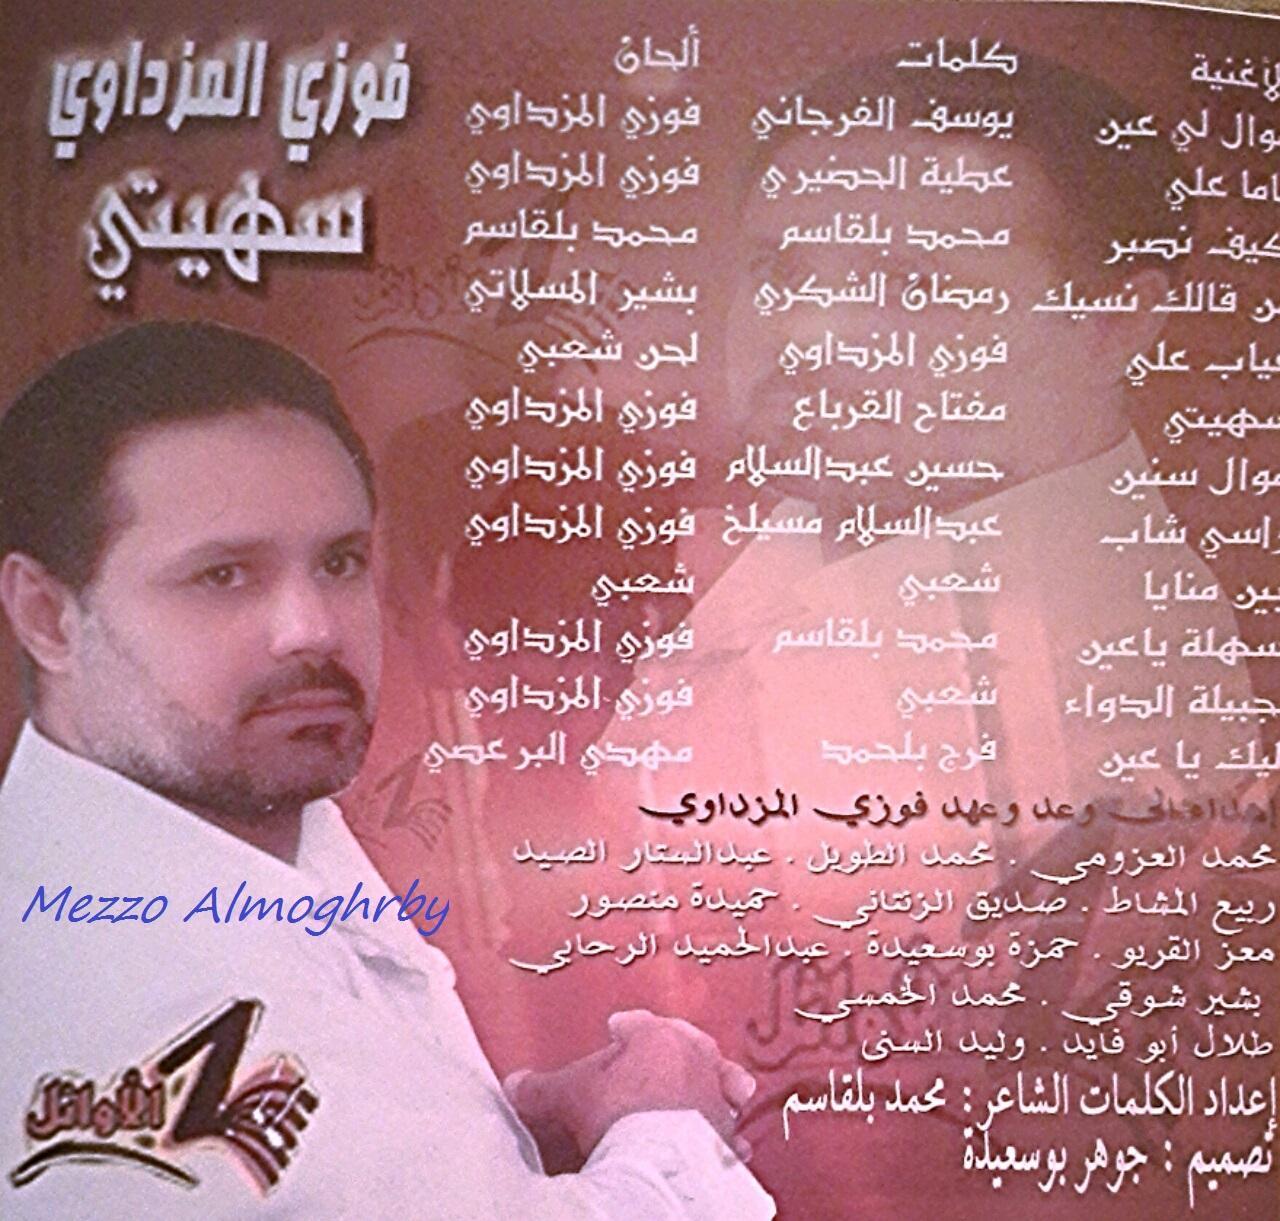 كلمات البوم فوزي المزداوي - سهيتي 2013 mp3